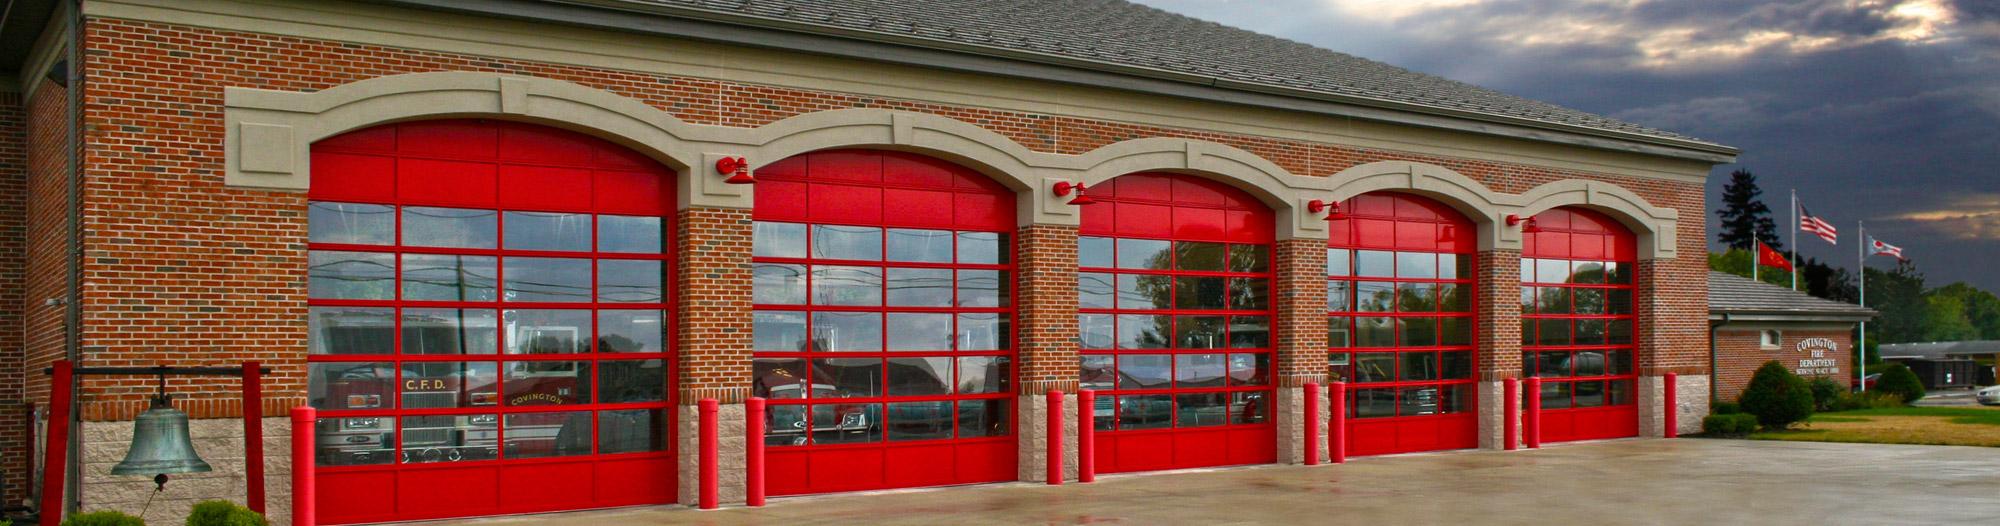 Commercial garage door repair service in toledo ohio for Garage door repair grove city ohio